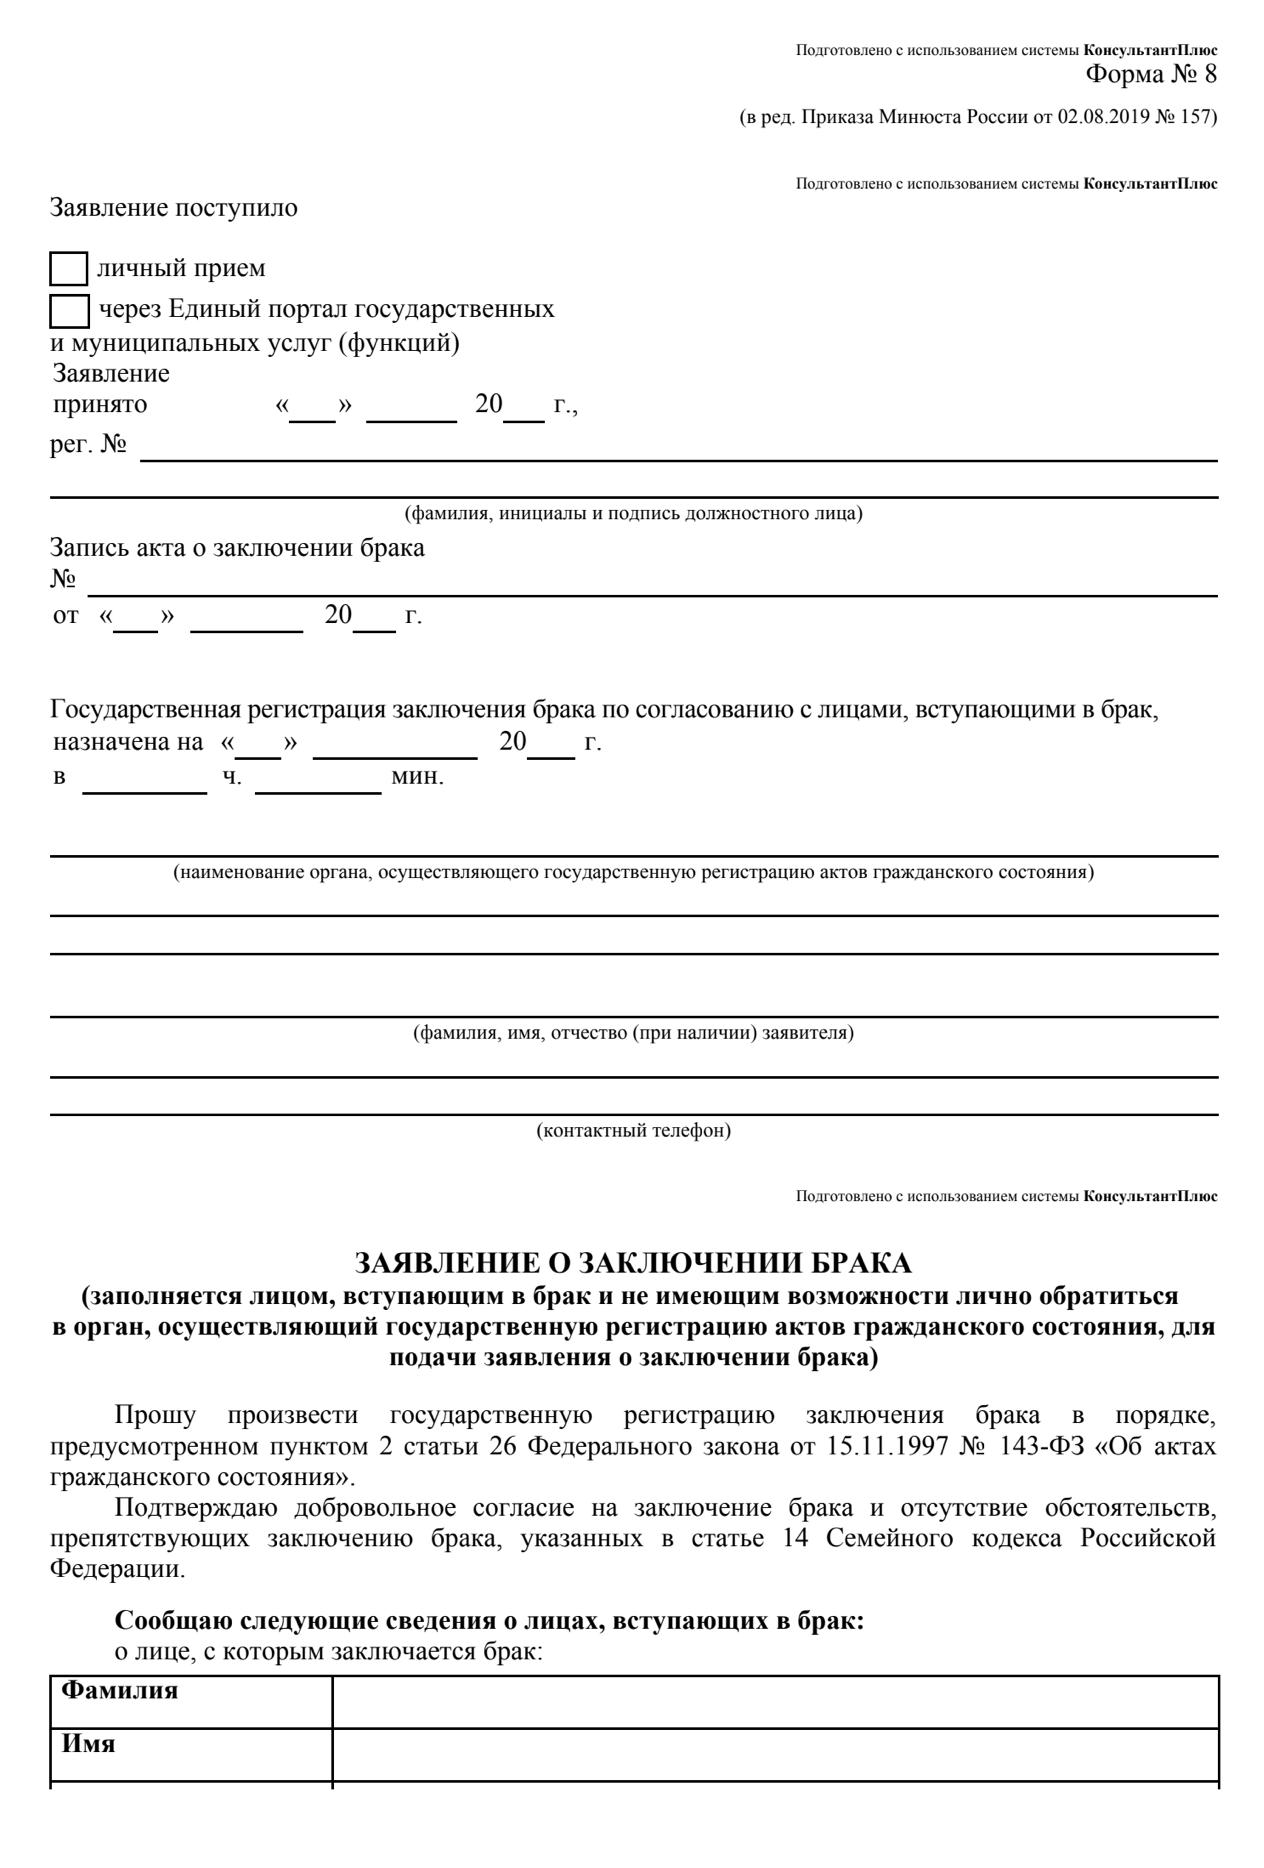 Форма № 8 — это заявление лица, которое не может явиться в загс. В конце документа обязательно должна быть отметка нотариуса об удостоверении подписи